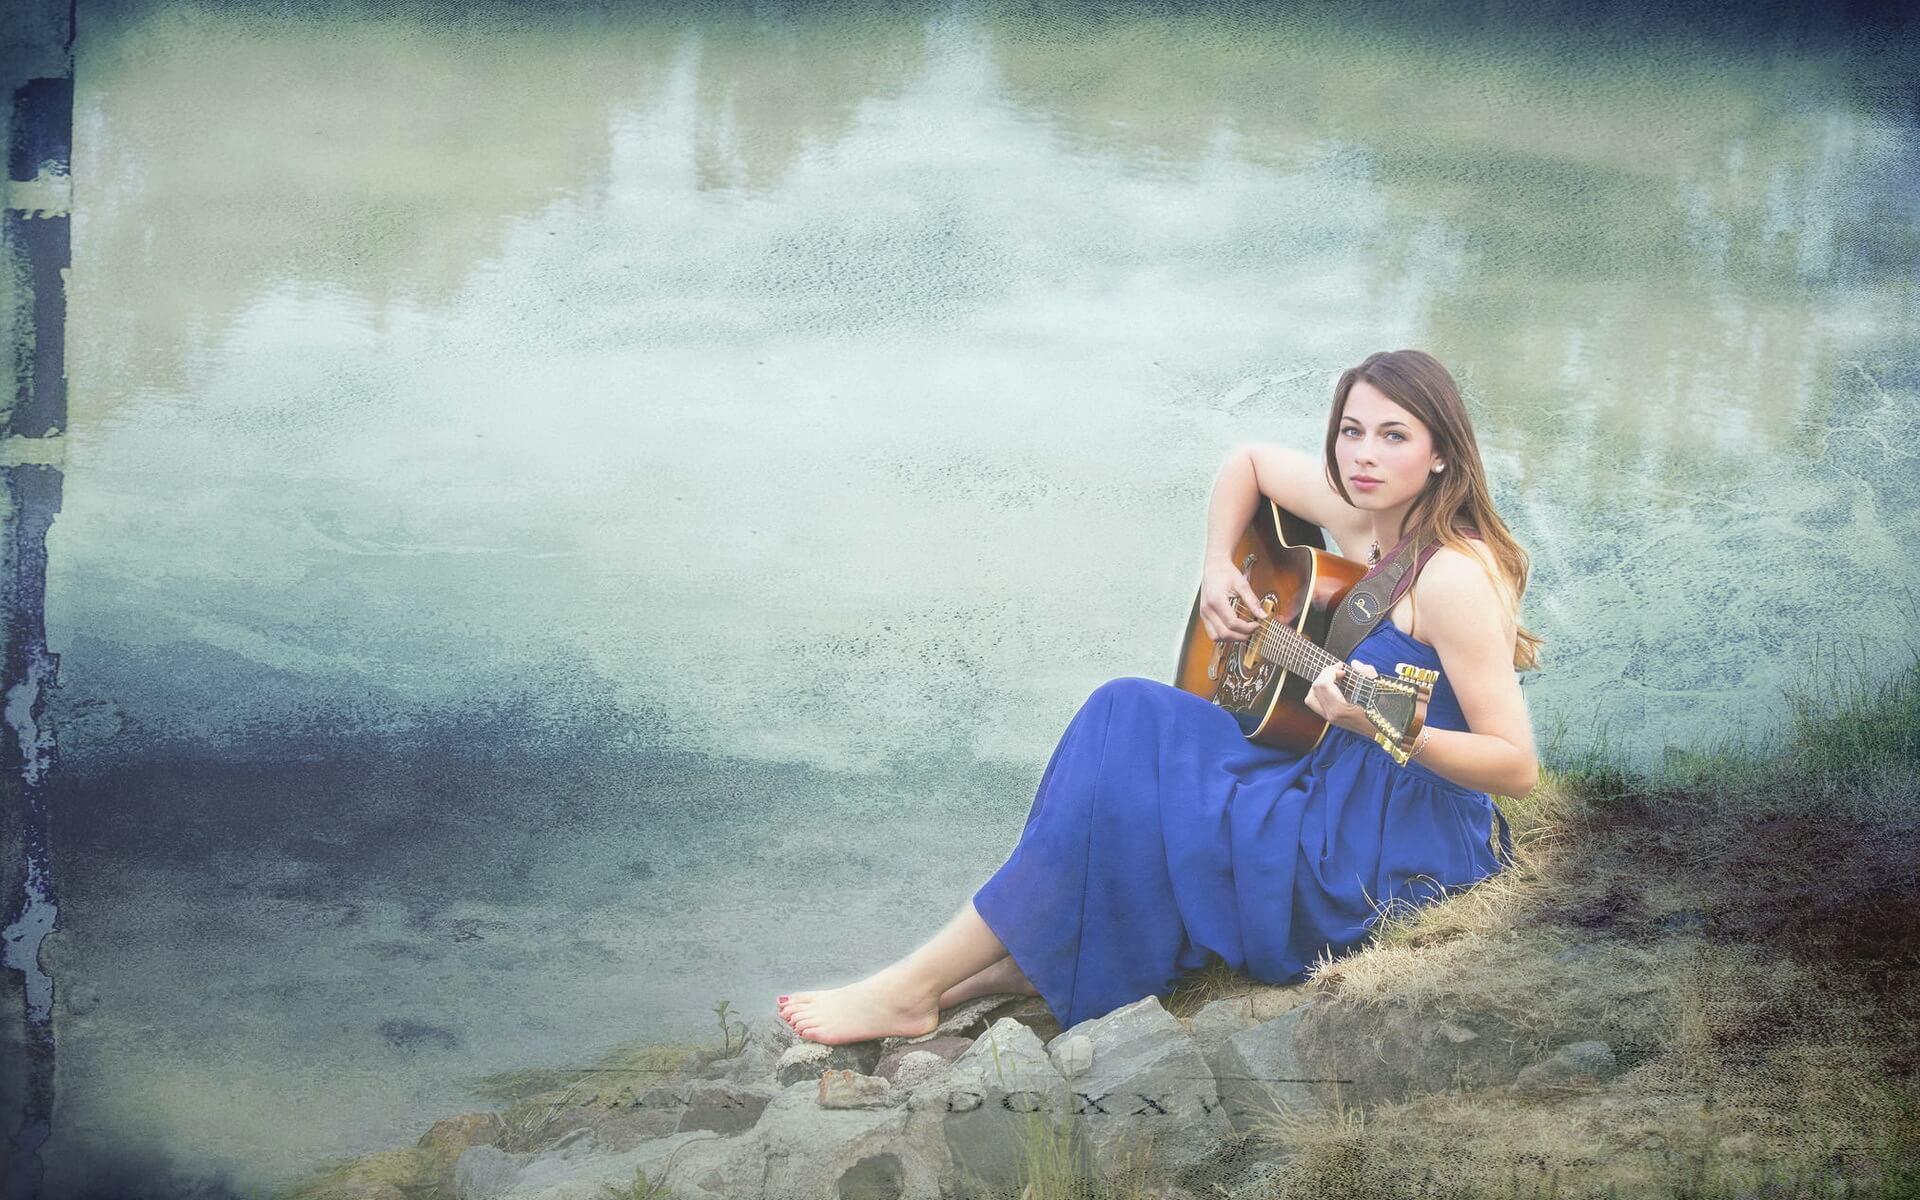 Прикольные картинки девушка и музыка, лучшие обои, фото (26 штук) 11